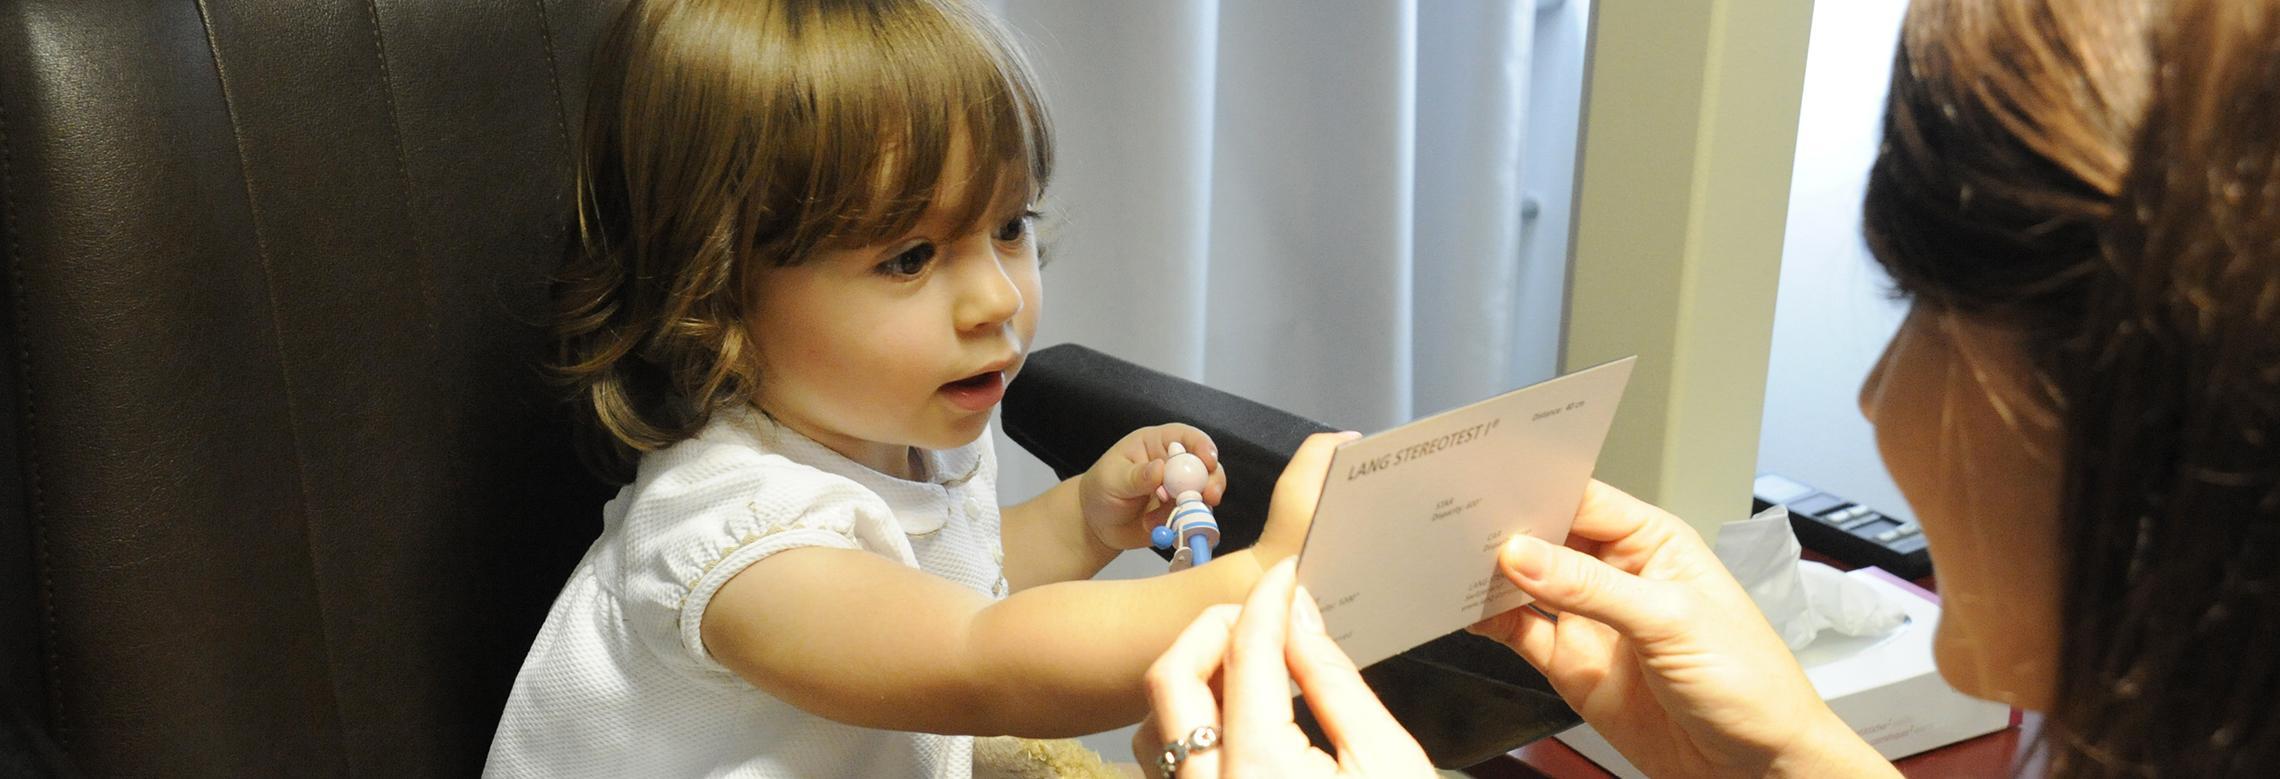 Image d'un enfant durant un test de vision